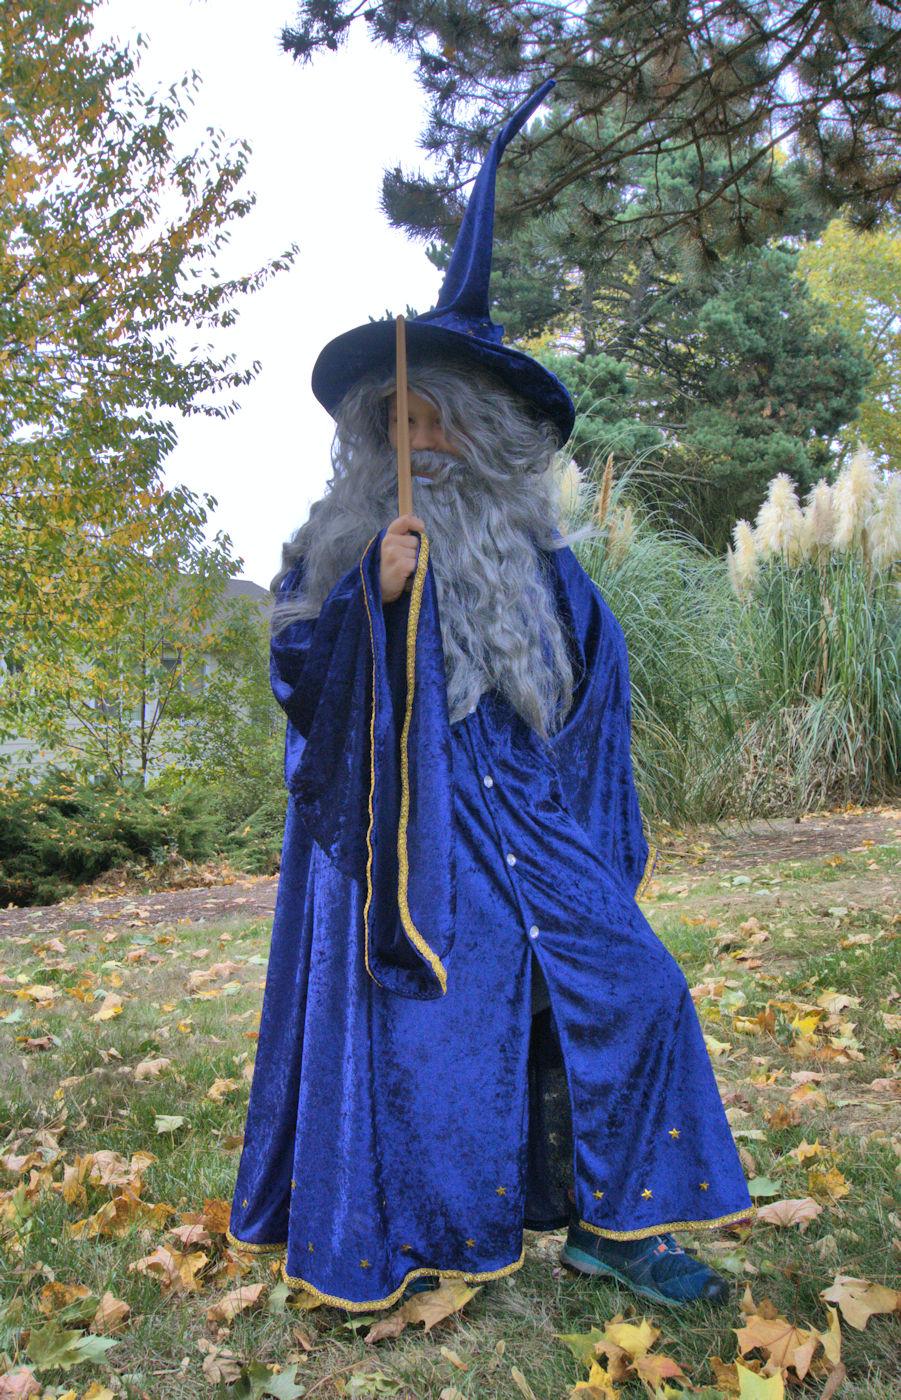 Blue velvet wizard costume with stars